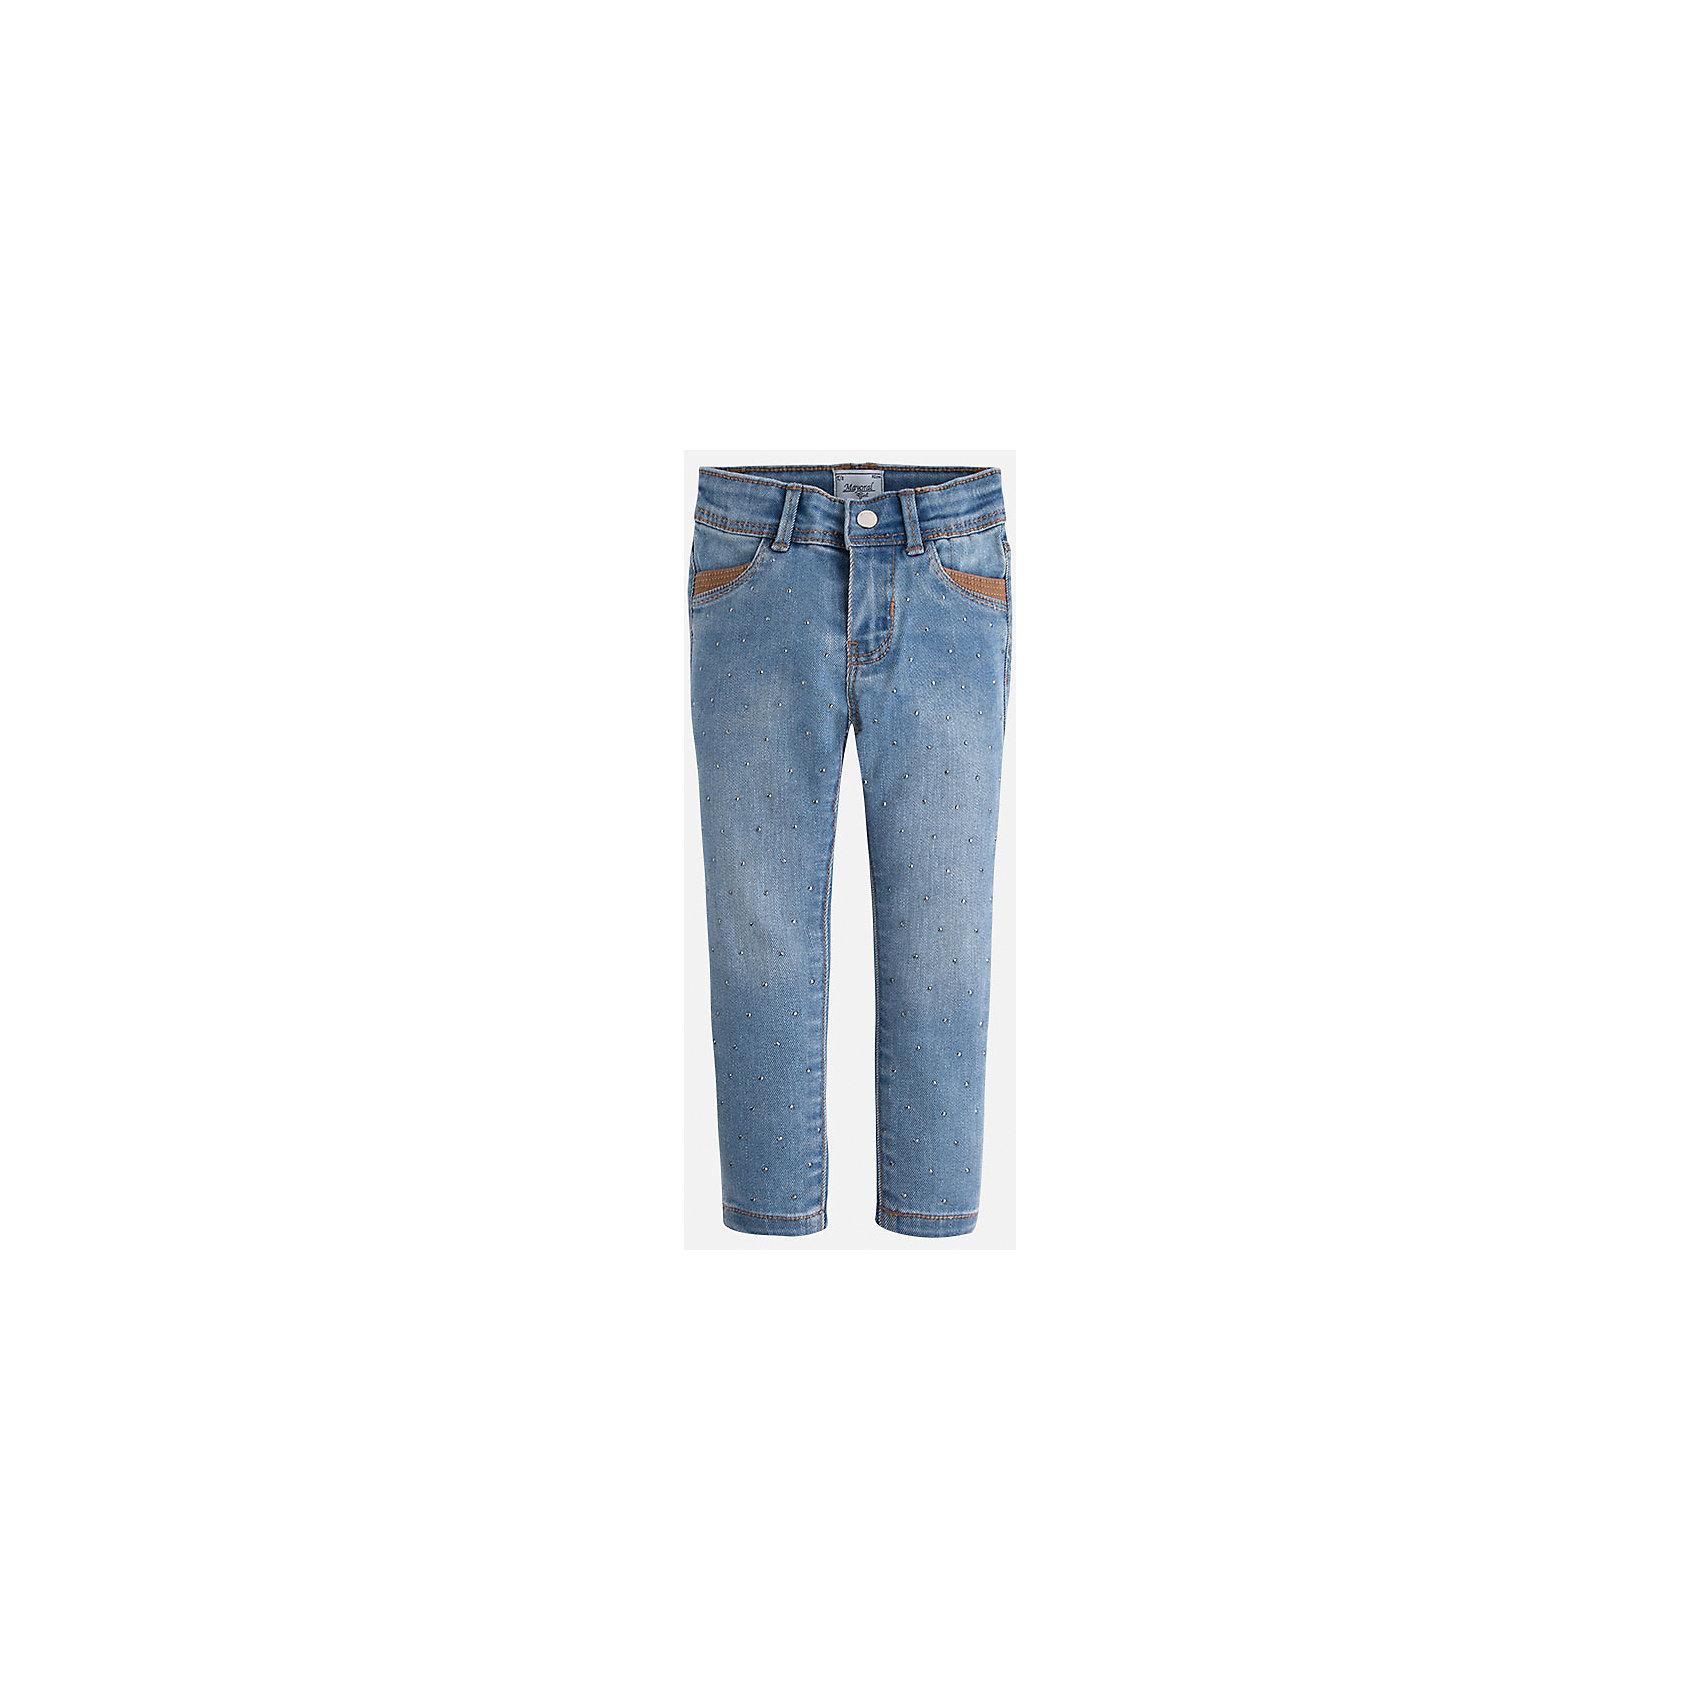 Джинсы для девочки MayoralДжинсовая одежда<br>Джинсы для девочки из коллекции осень-зима 2016-2017 известного испанского бренда Mayoral (Майорал). Джинсы на каждый день приятного джинсового светло-синего цвета. Полуоблегающий крой и стильные украшения в виде металлических крапинок придутся по вкусу вашей моднице. Джинсы имеют четыре кармана и заужены к низу.<br><br>Дополнительная информация:<br>- Силуэт прямой, зауженный к низу<br>Состав: хлопок 68%, полиэстер 20%, вискоза 10%, эластан 2%<br><br>Джинсы для девочки Mayoral (Майорал) можно купить в нашем интернет-магазине.<br>.<br>Подробнее:<br>• Для детей в возрасте: от 4  до 9 лет<br>• Номер товара: 4843943<br>Страна производитель: Индия<br><br>Ширина мм: 215<br>Глубина мм: 88<br>Высота мм: 191<br>Вес г: 336<br>Цвет: голубой<br>Возраст от месяцев: 18<br>Возраст до месяцев: 24<br>Пол: Женский<br>Возраст: Детский<br>Размер: 92,134,128,110,122,116,104,98<br>SKU: 4843942